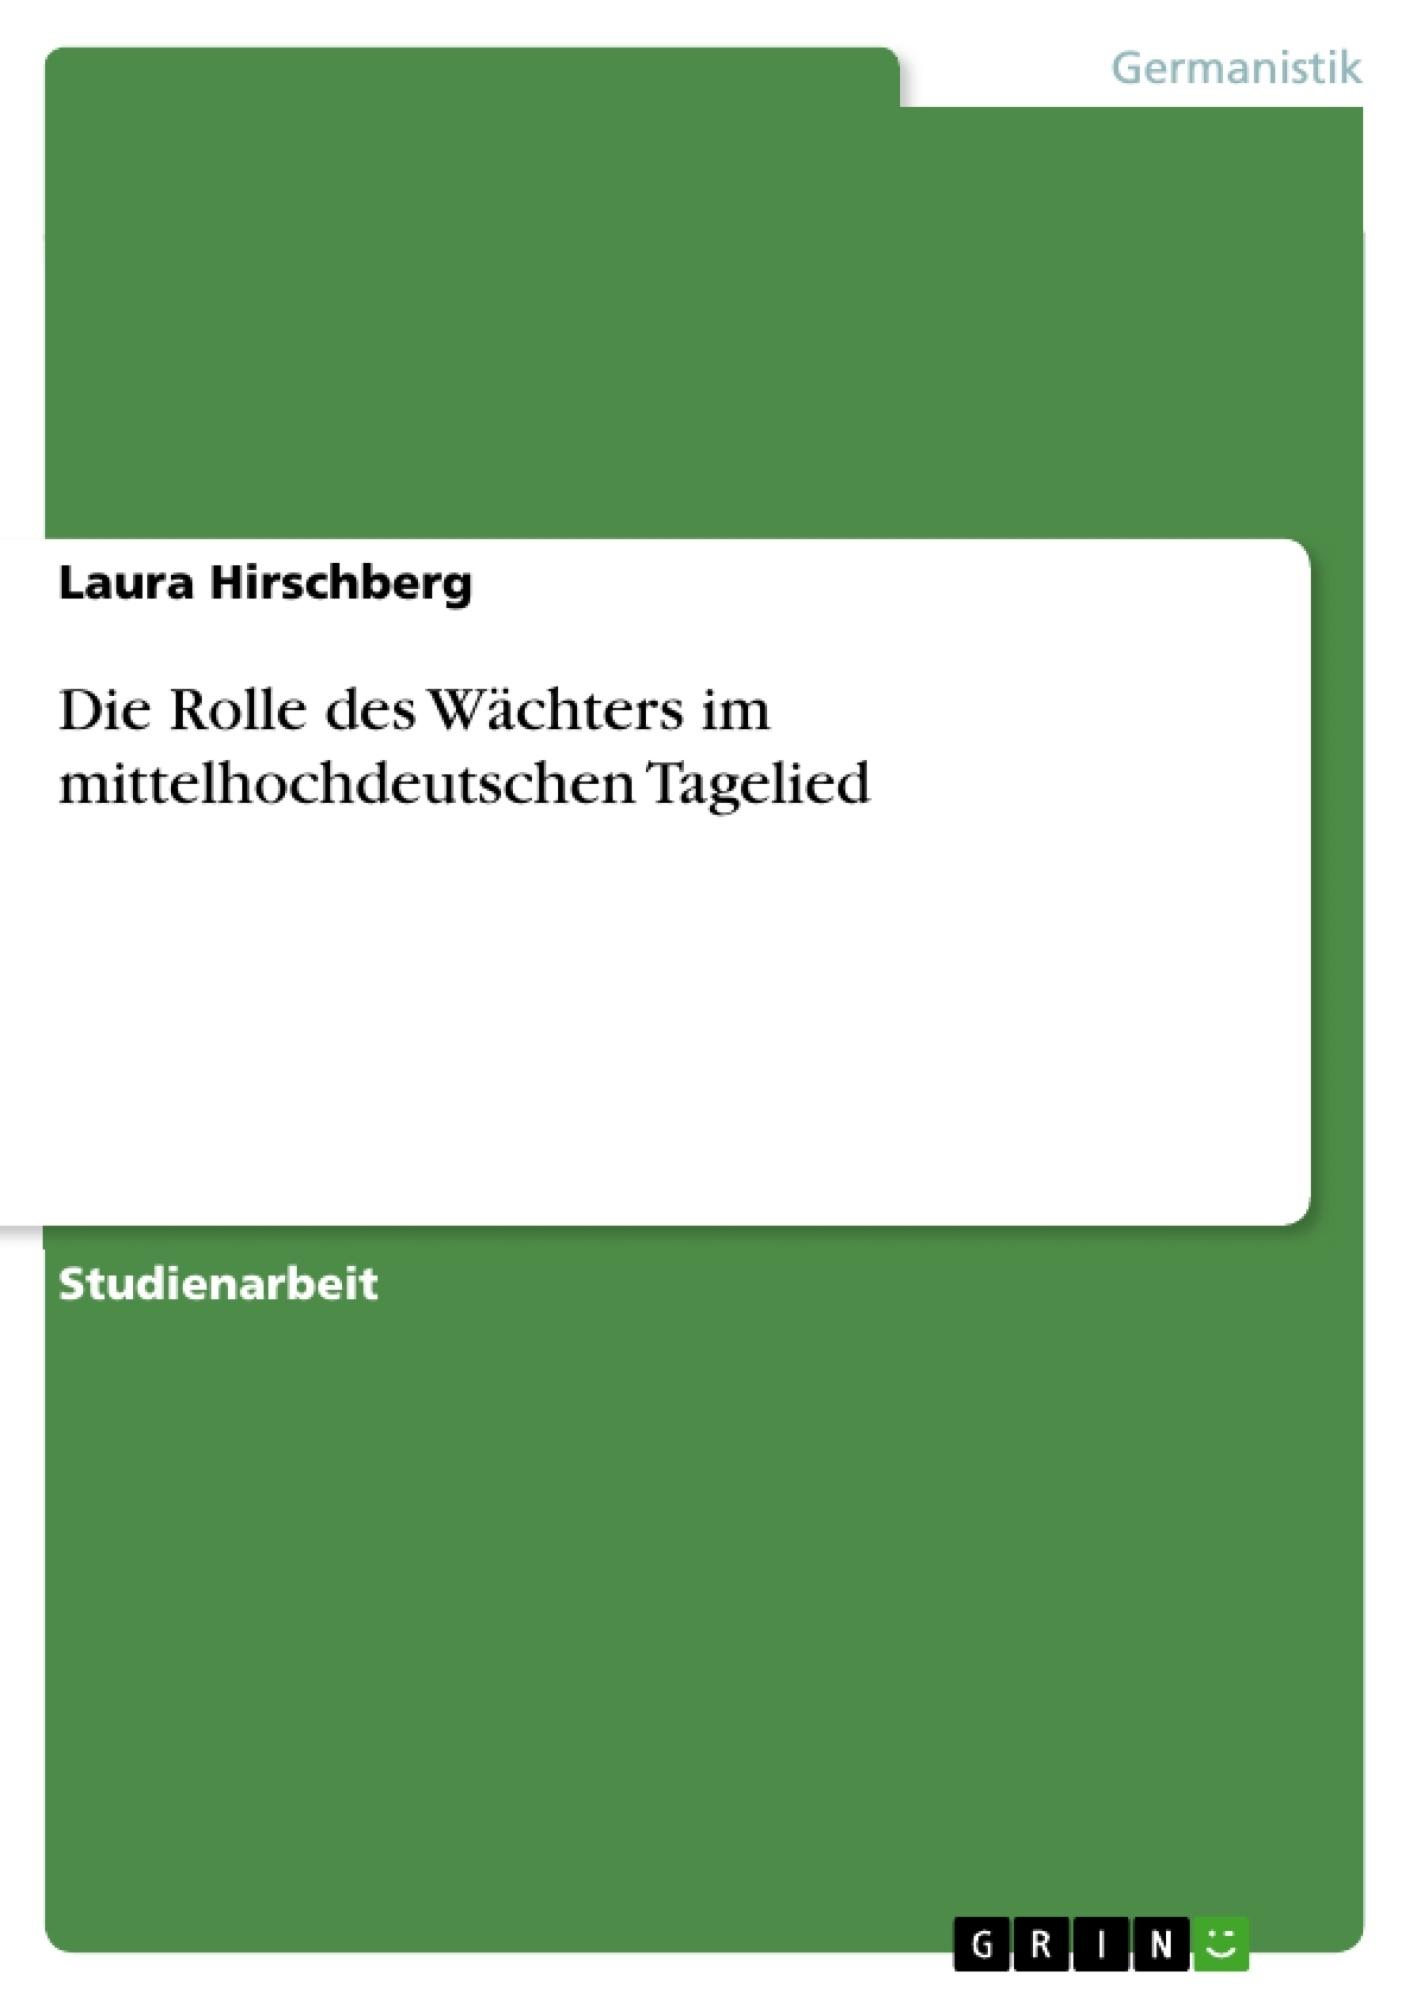 Titel: Die Rolle des Wächters im mittelhochdeutschen Tagelied